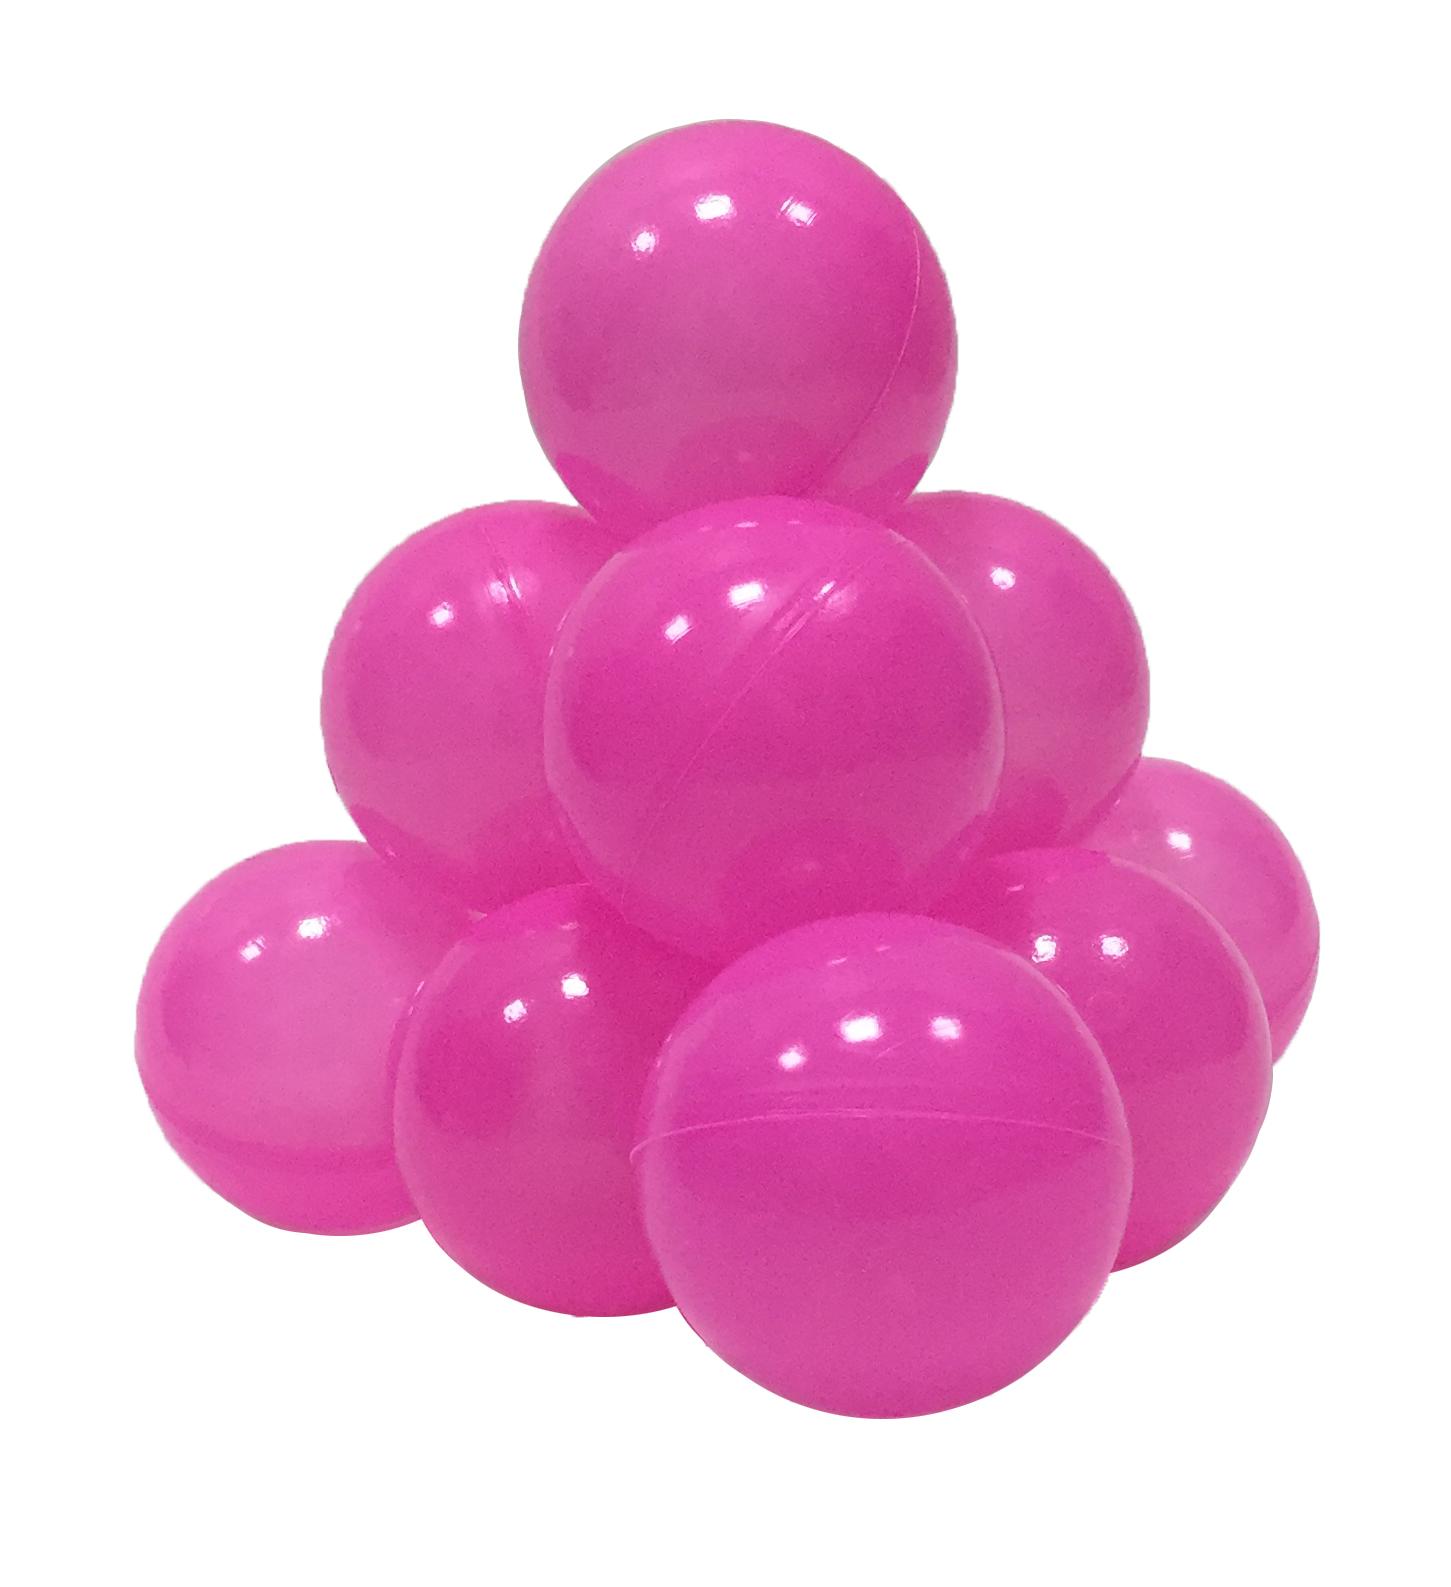 Шарики в наборе для игрового бассейна 50 шт, диам 7см, розовые